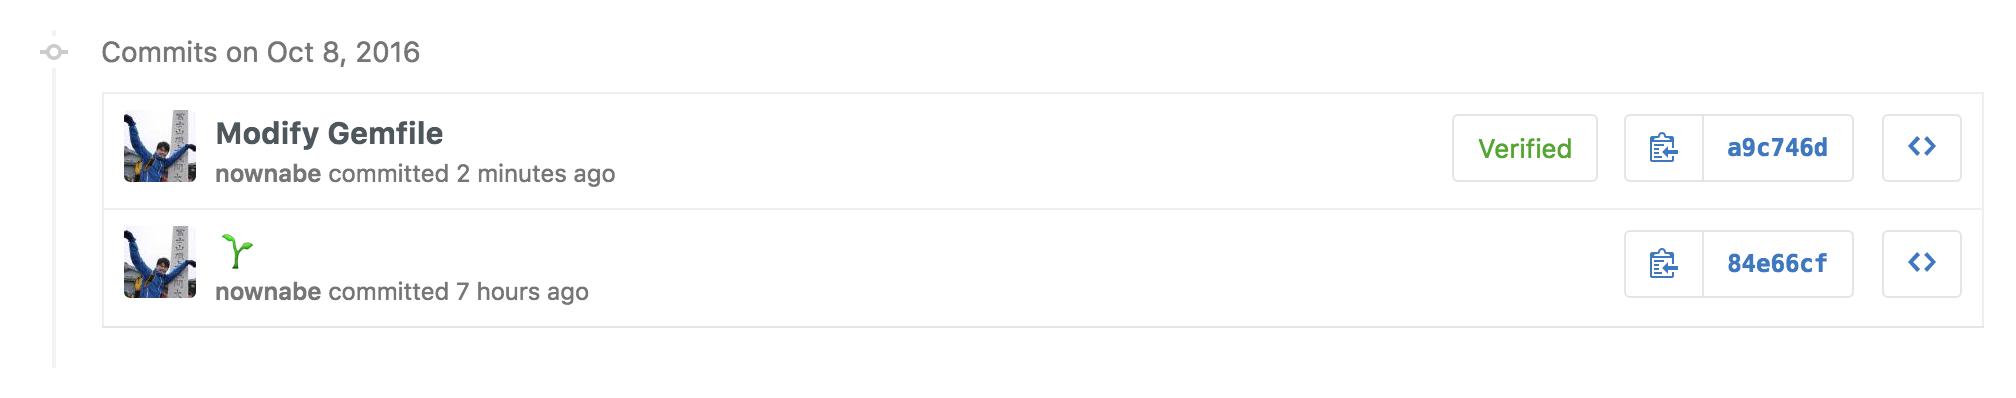 スクリーンショット 2016-10-08 21.17.15.png (94.5 kB)